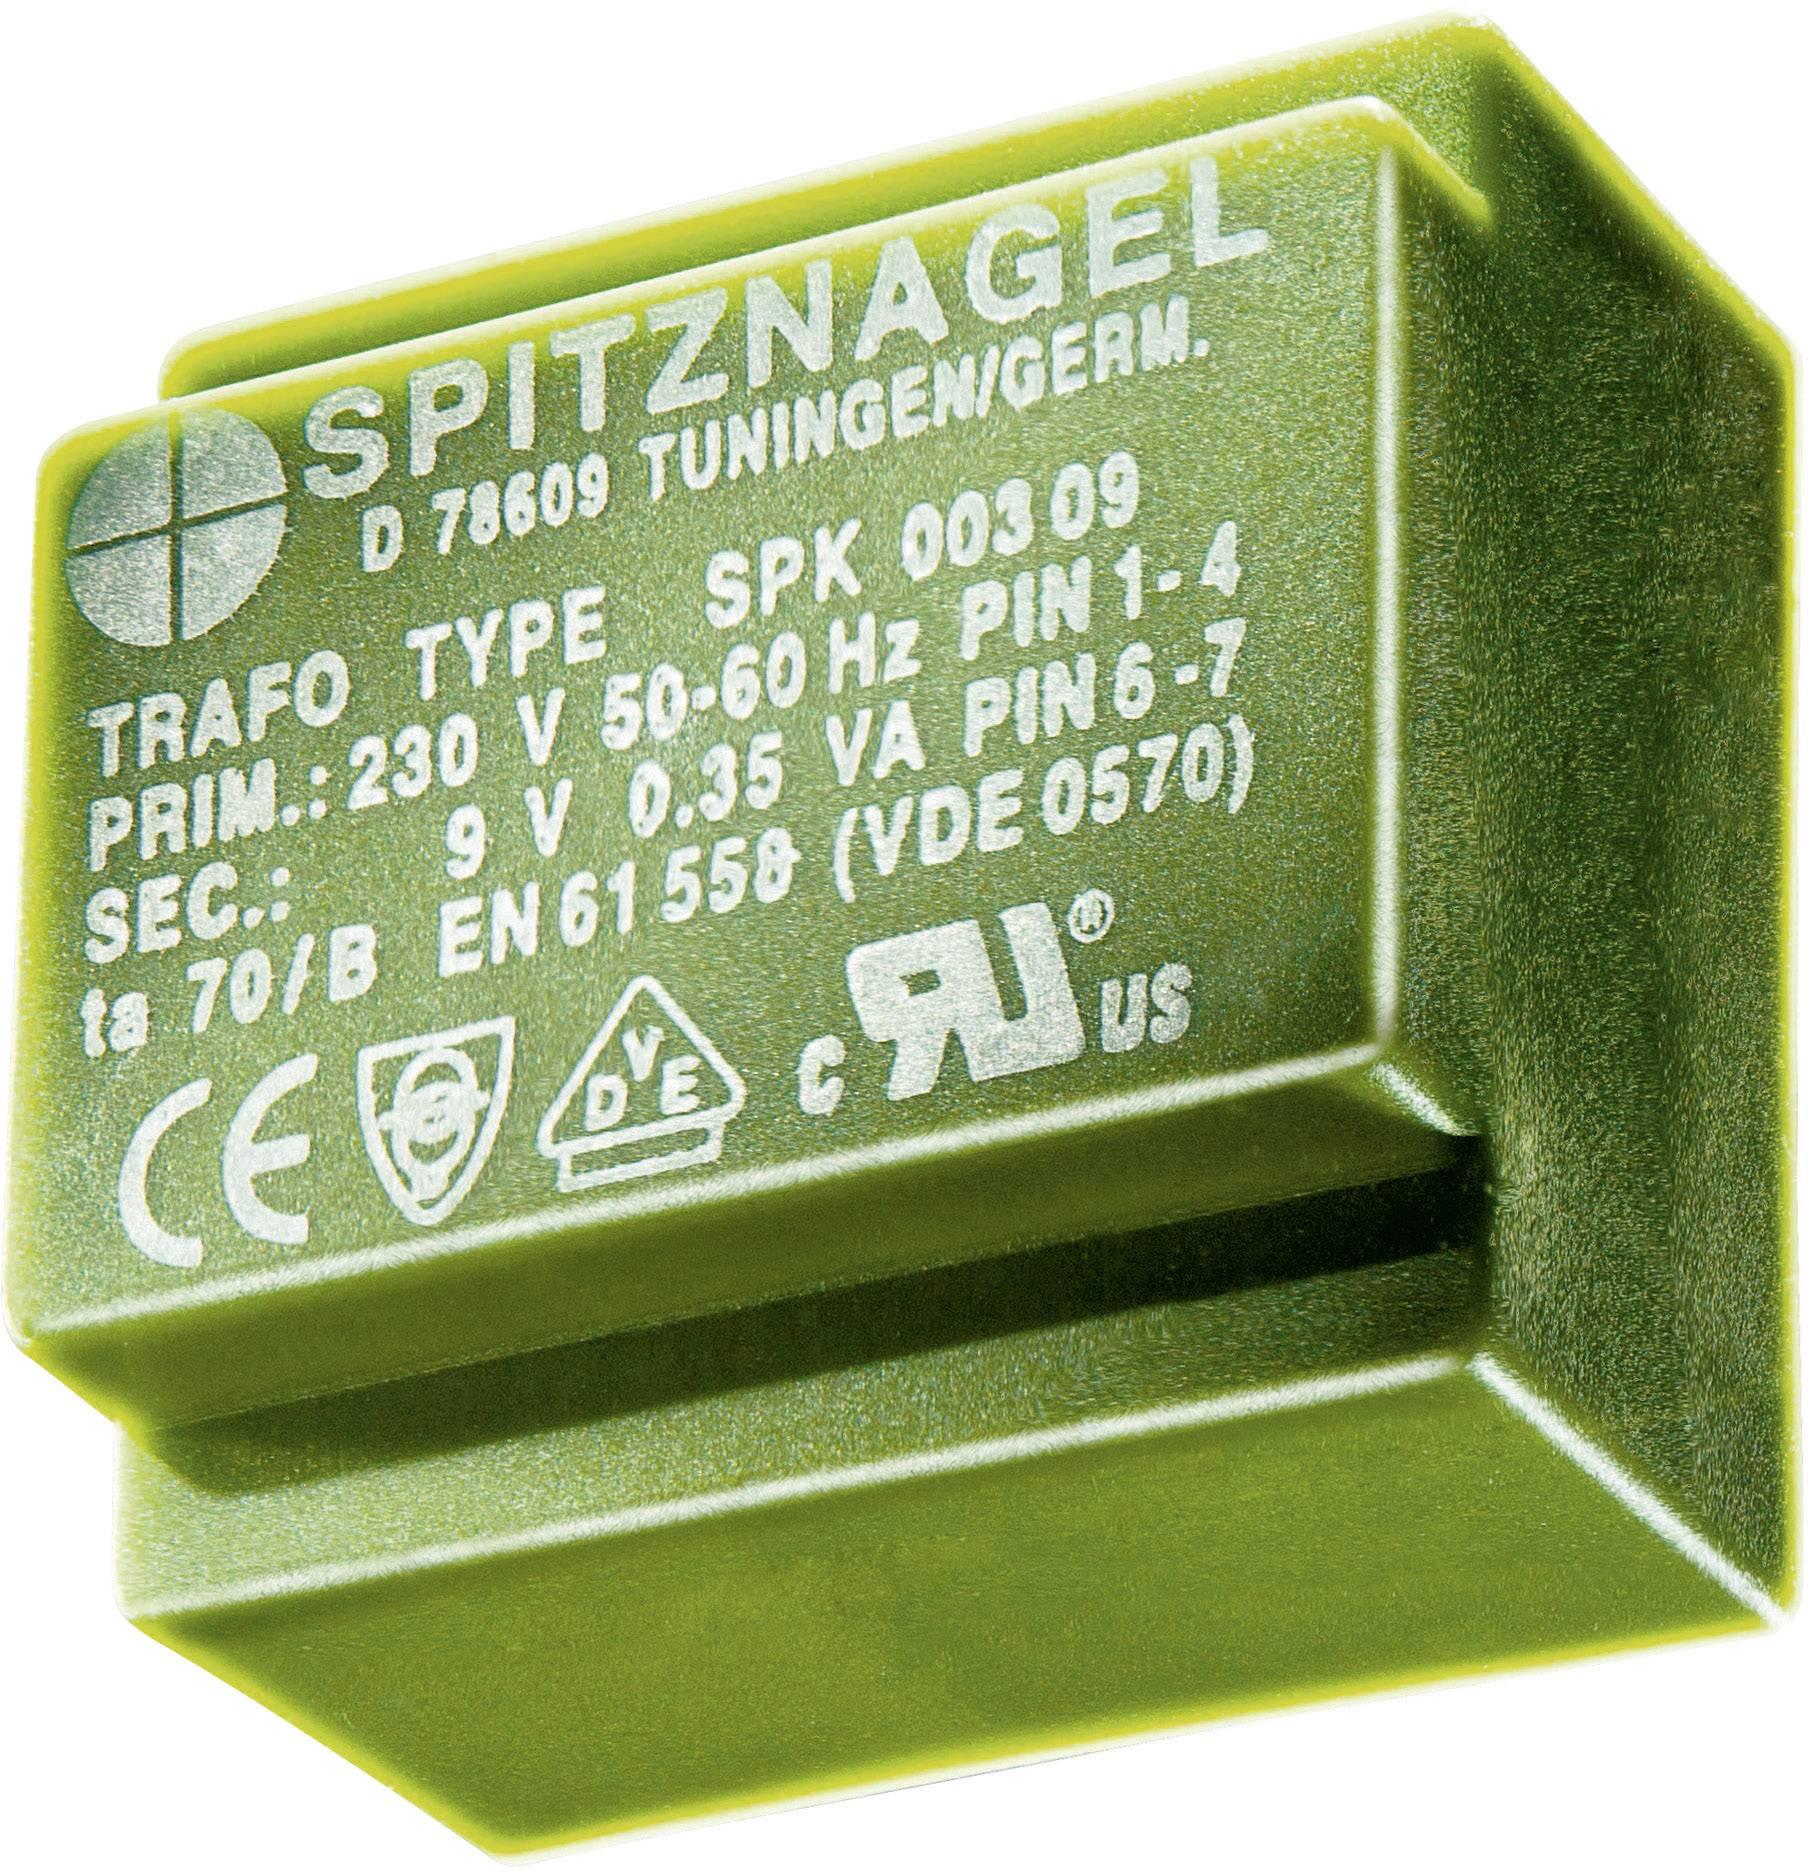 Transformátor do DPS Spitznagel El 30/10,5, 230 V / 6, 250 mA, 1,5 VA